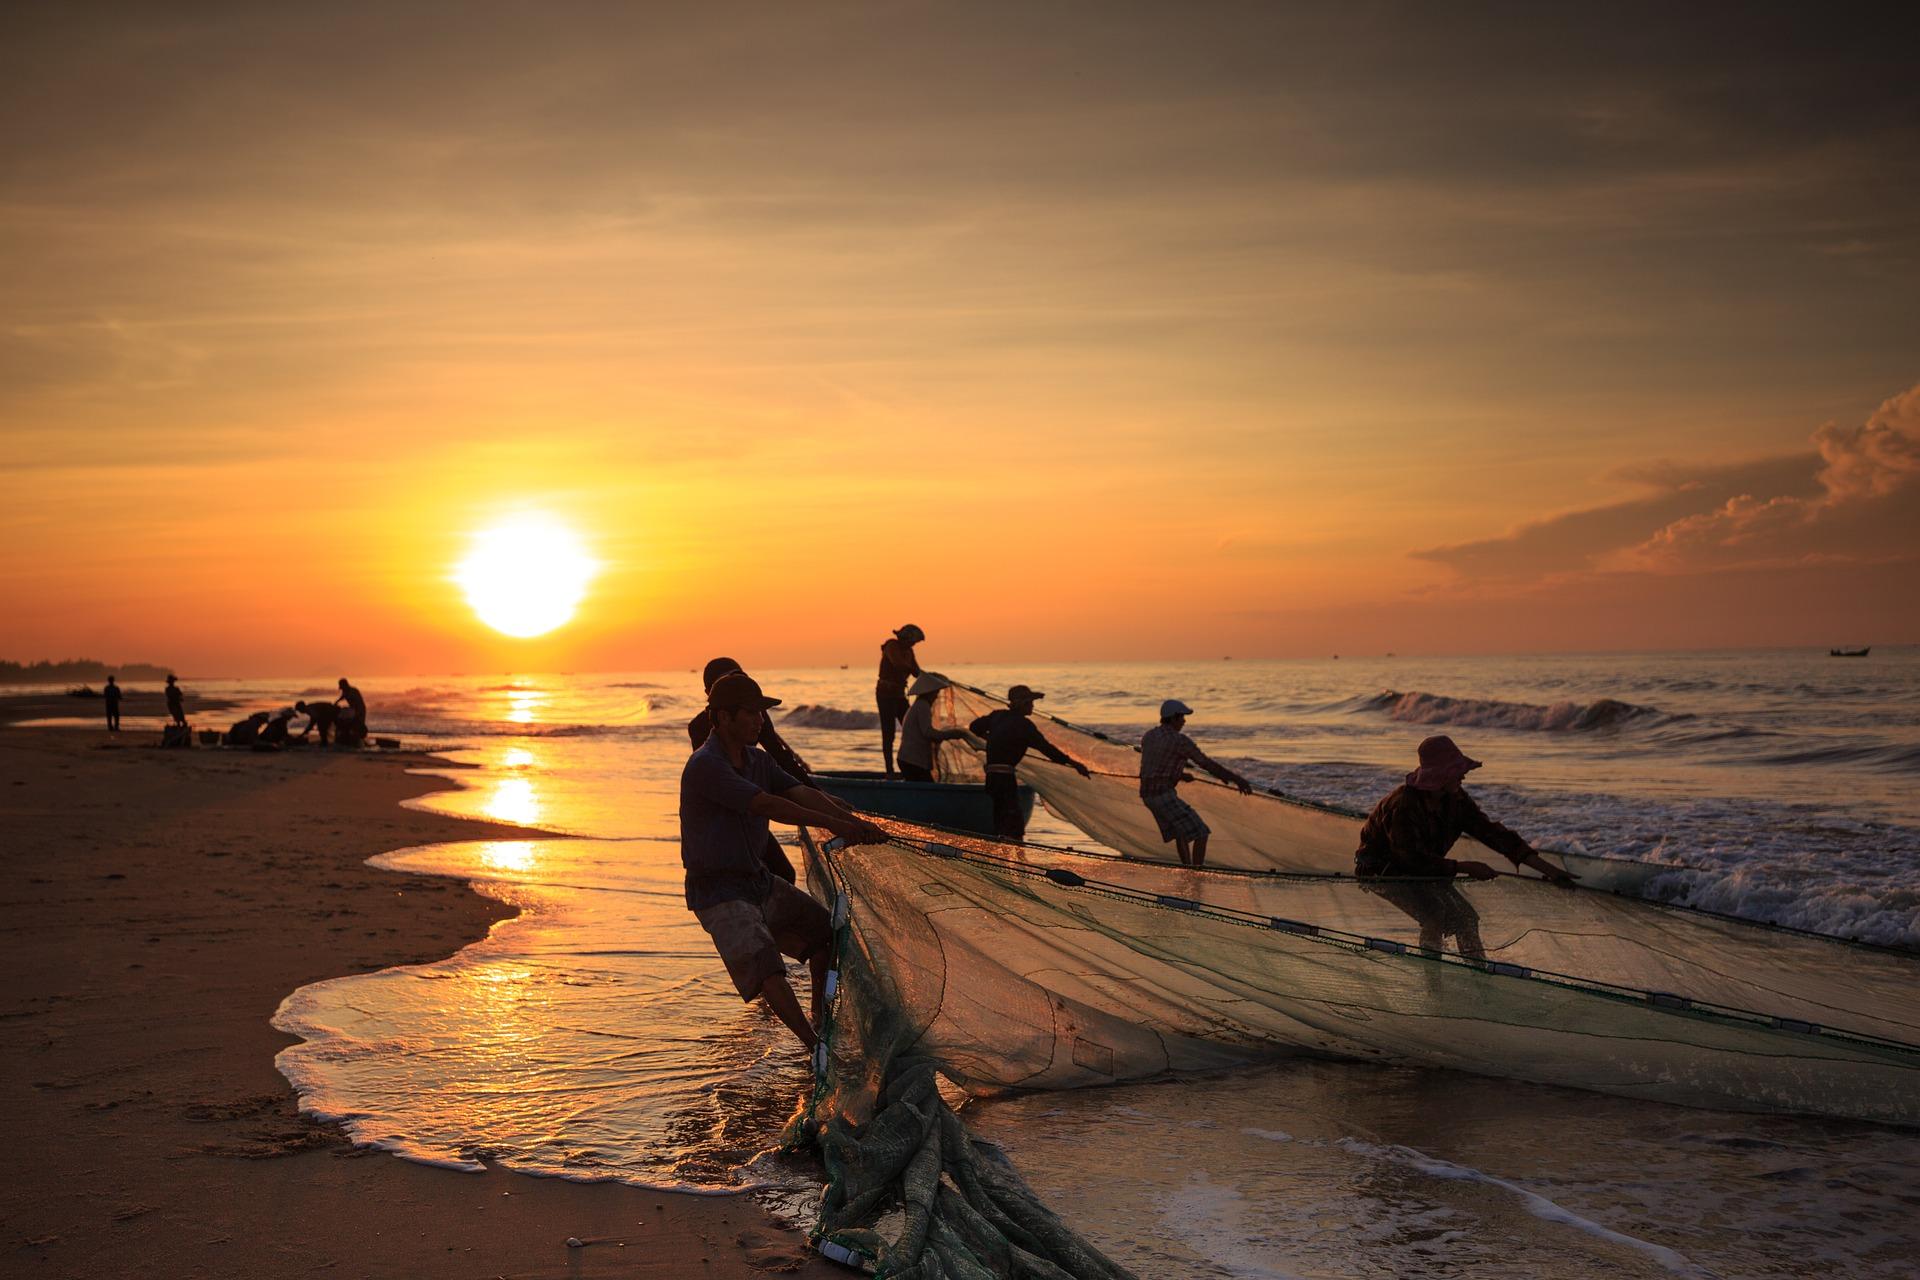 vietnam the-fishermen-3039591_1920